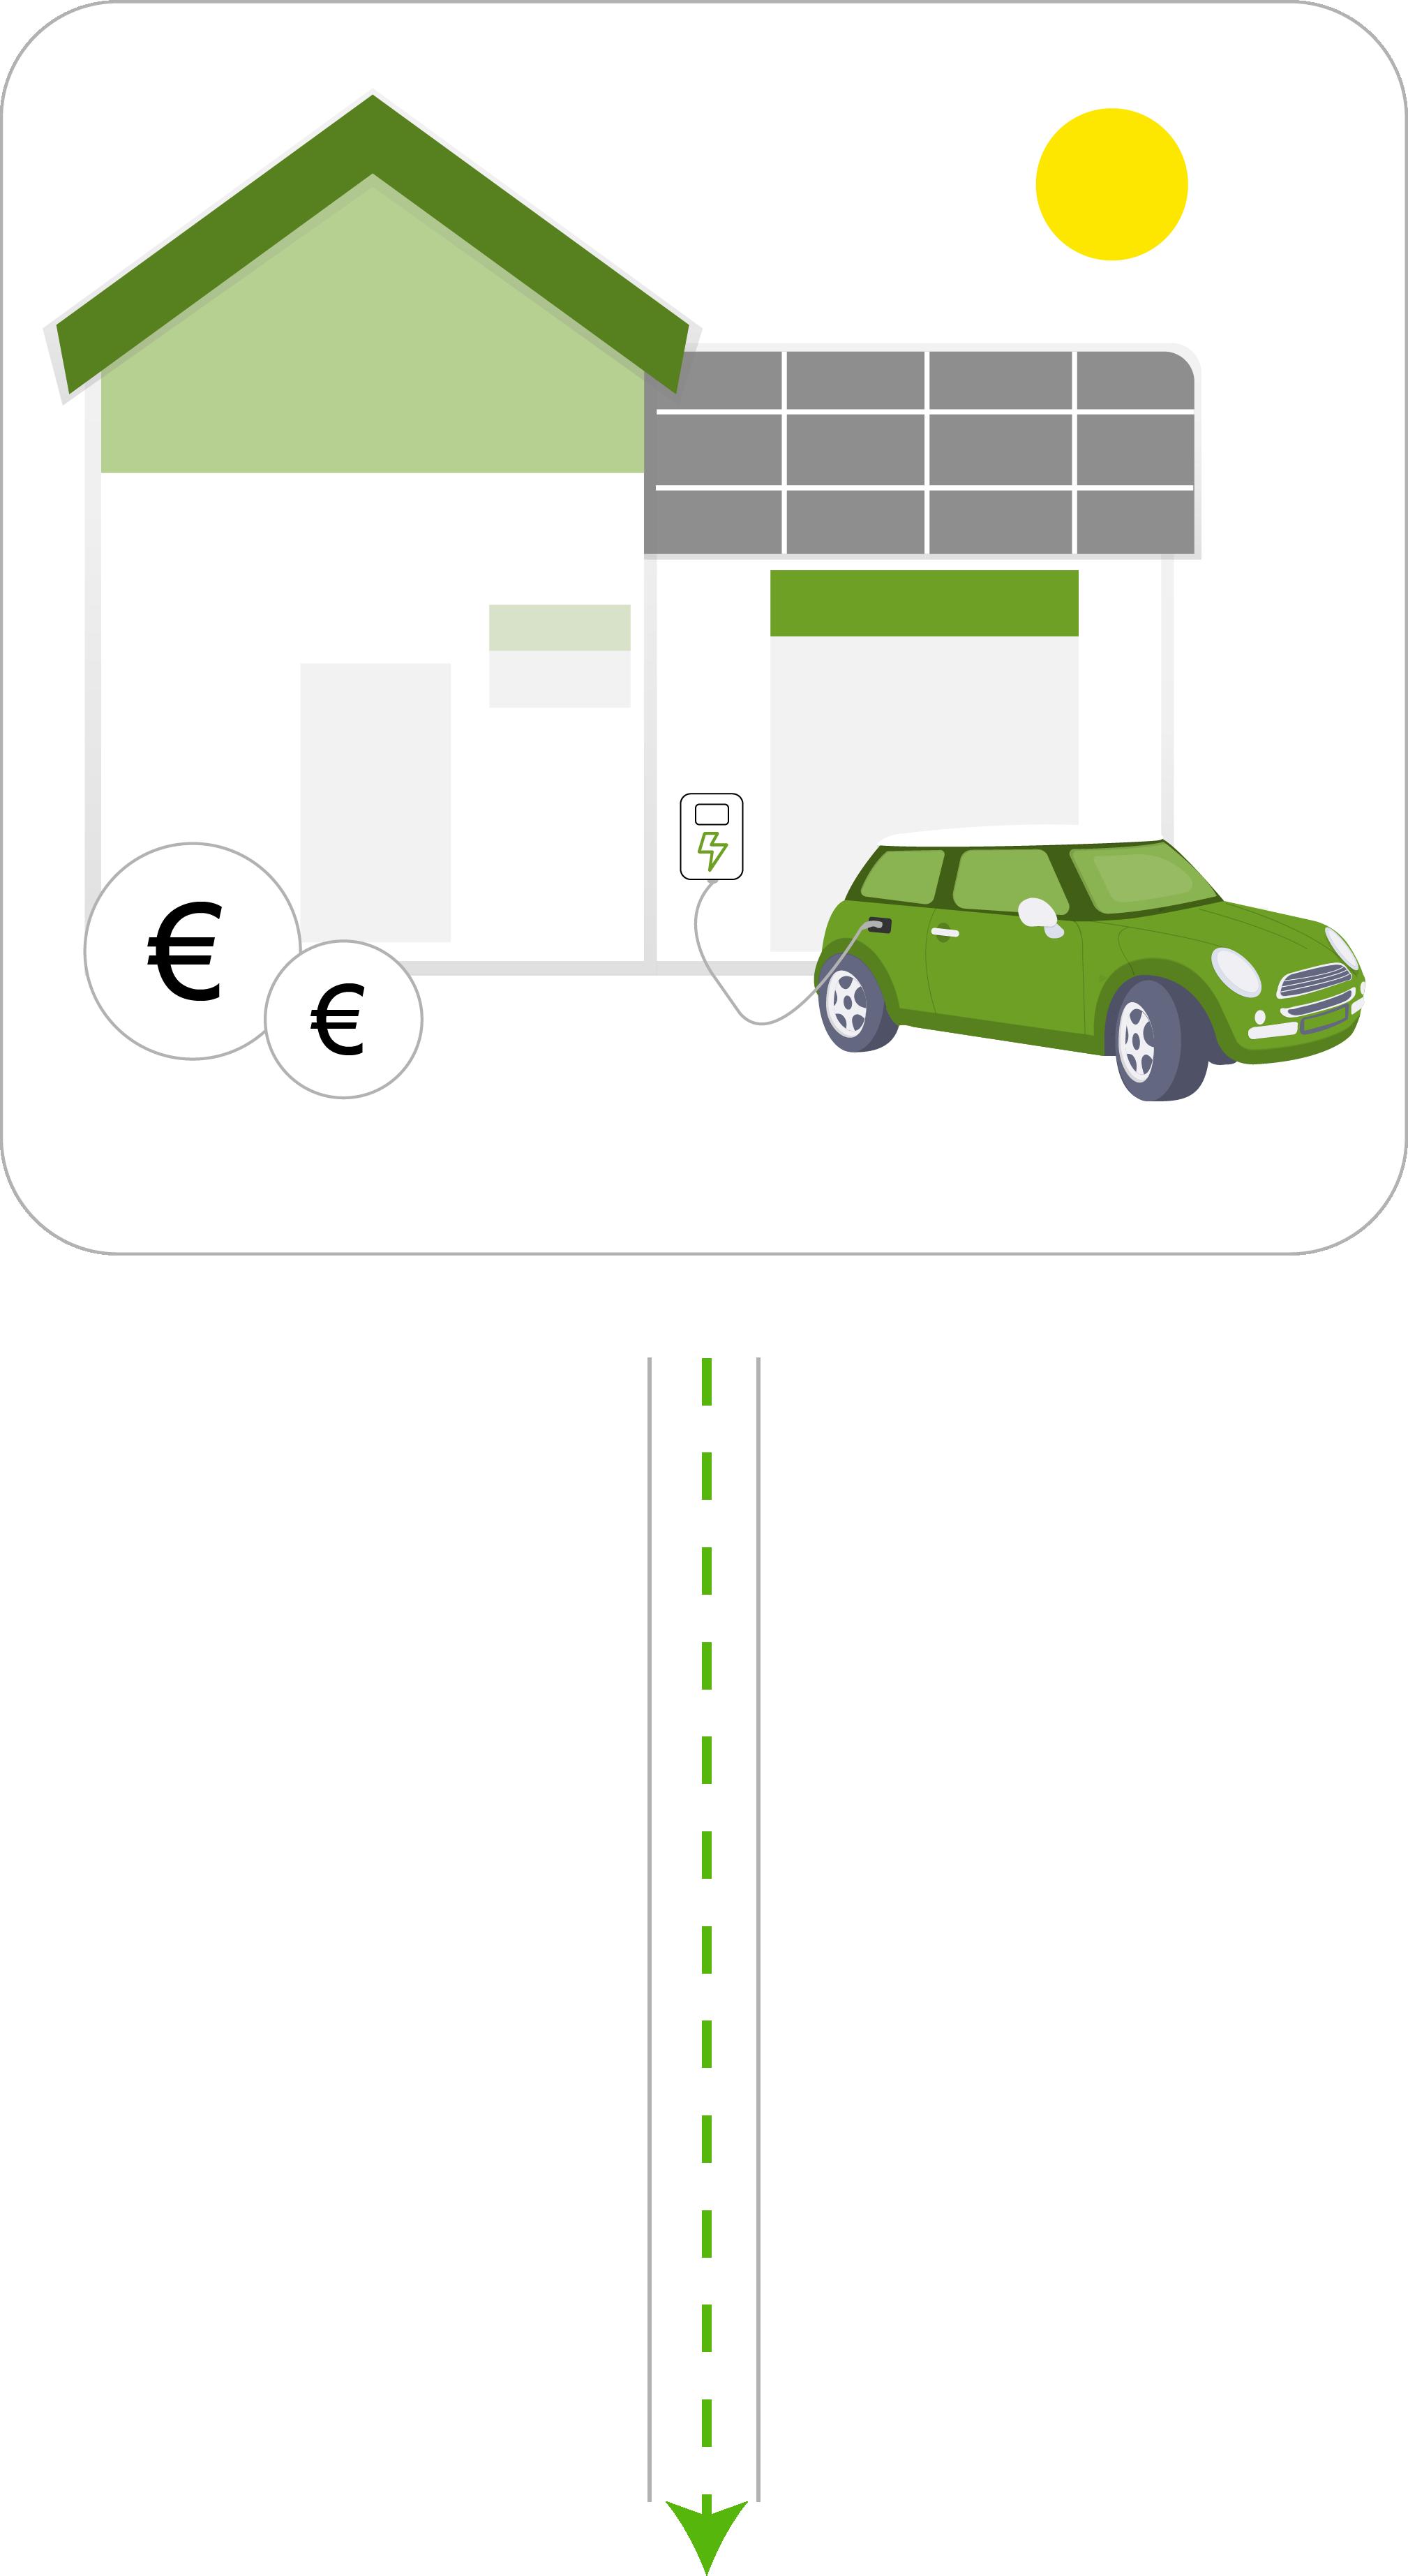 E-Dienstwagen zu Hause laden